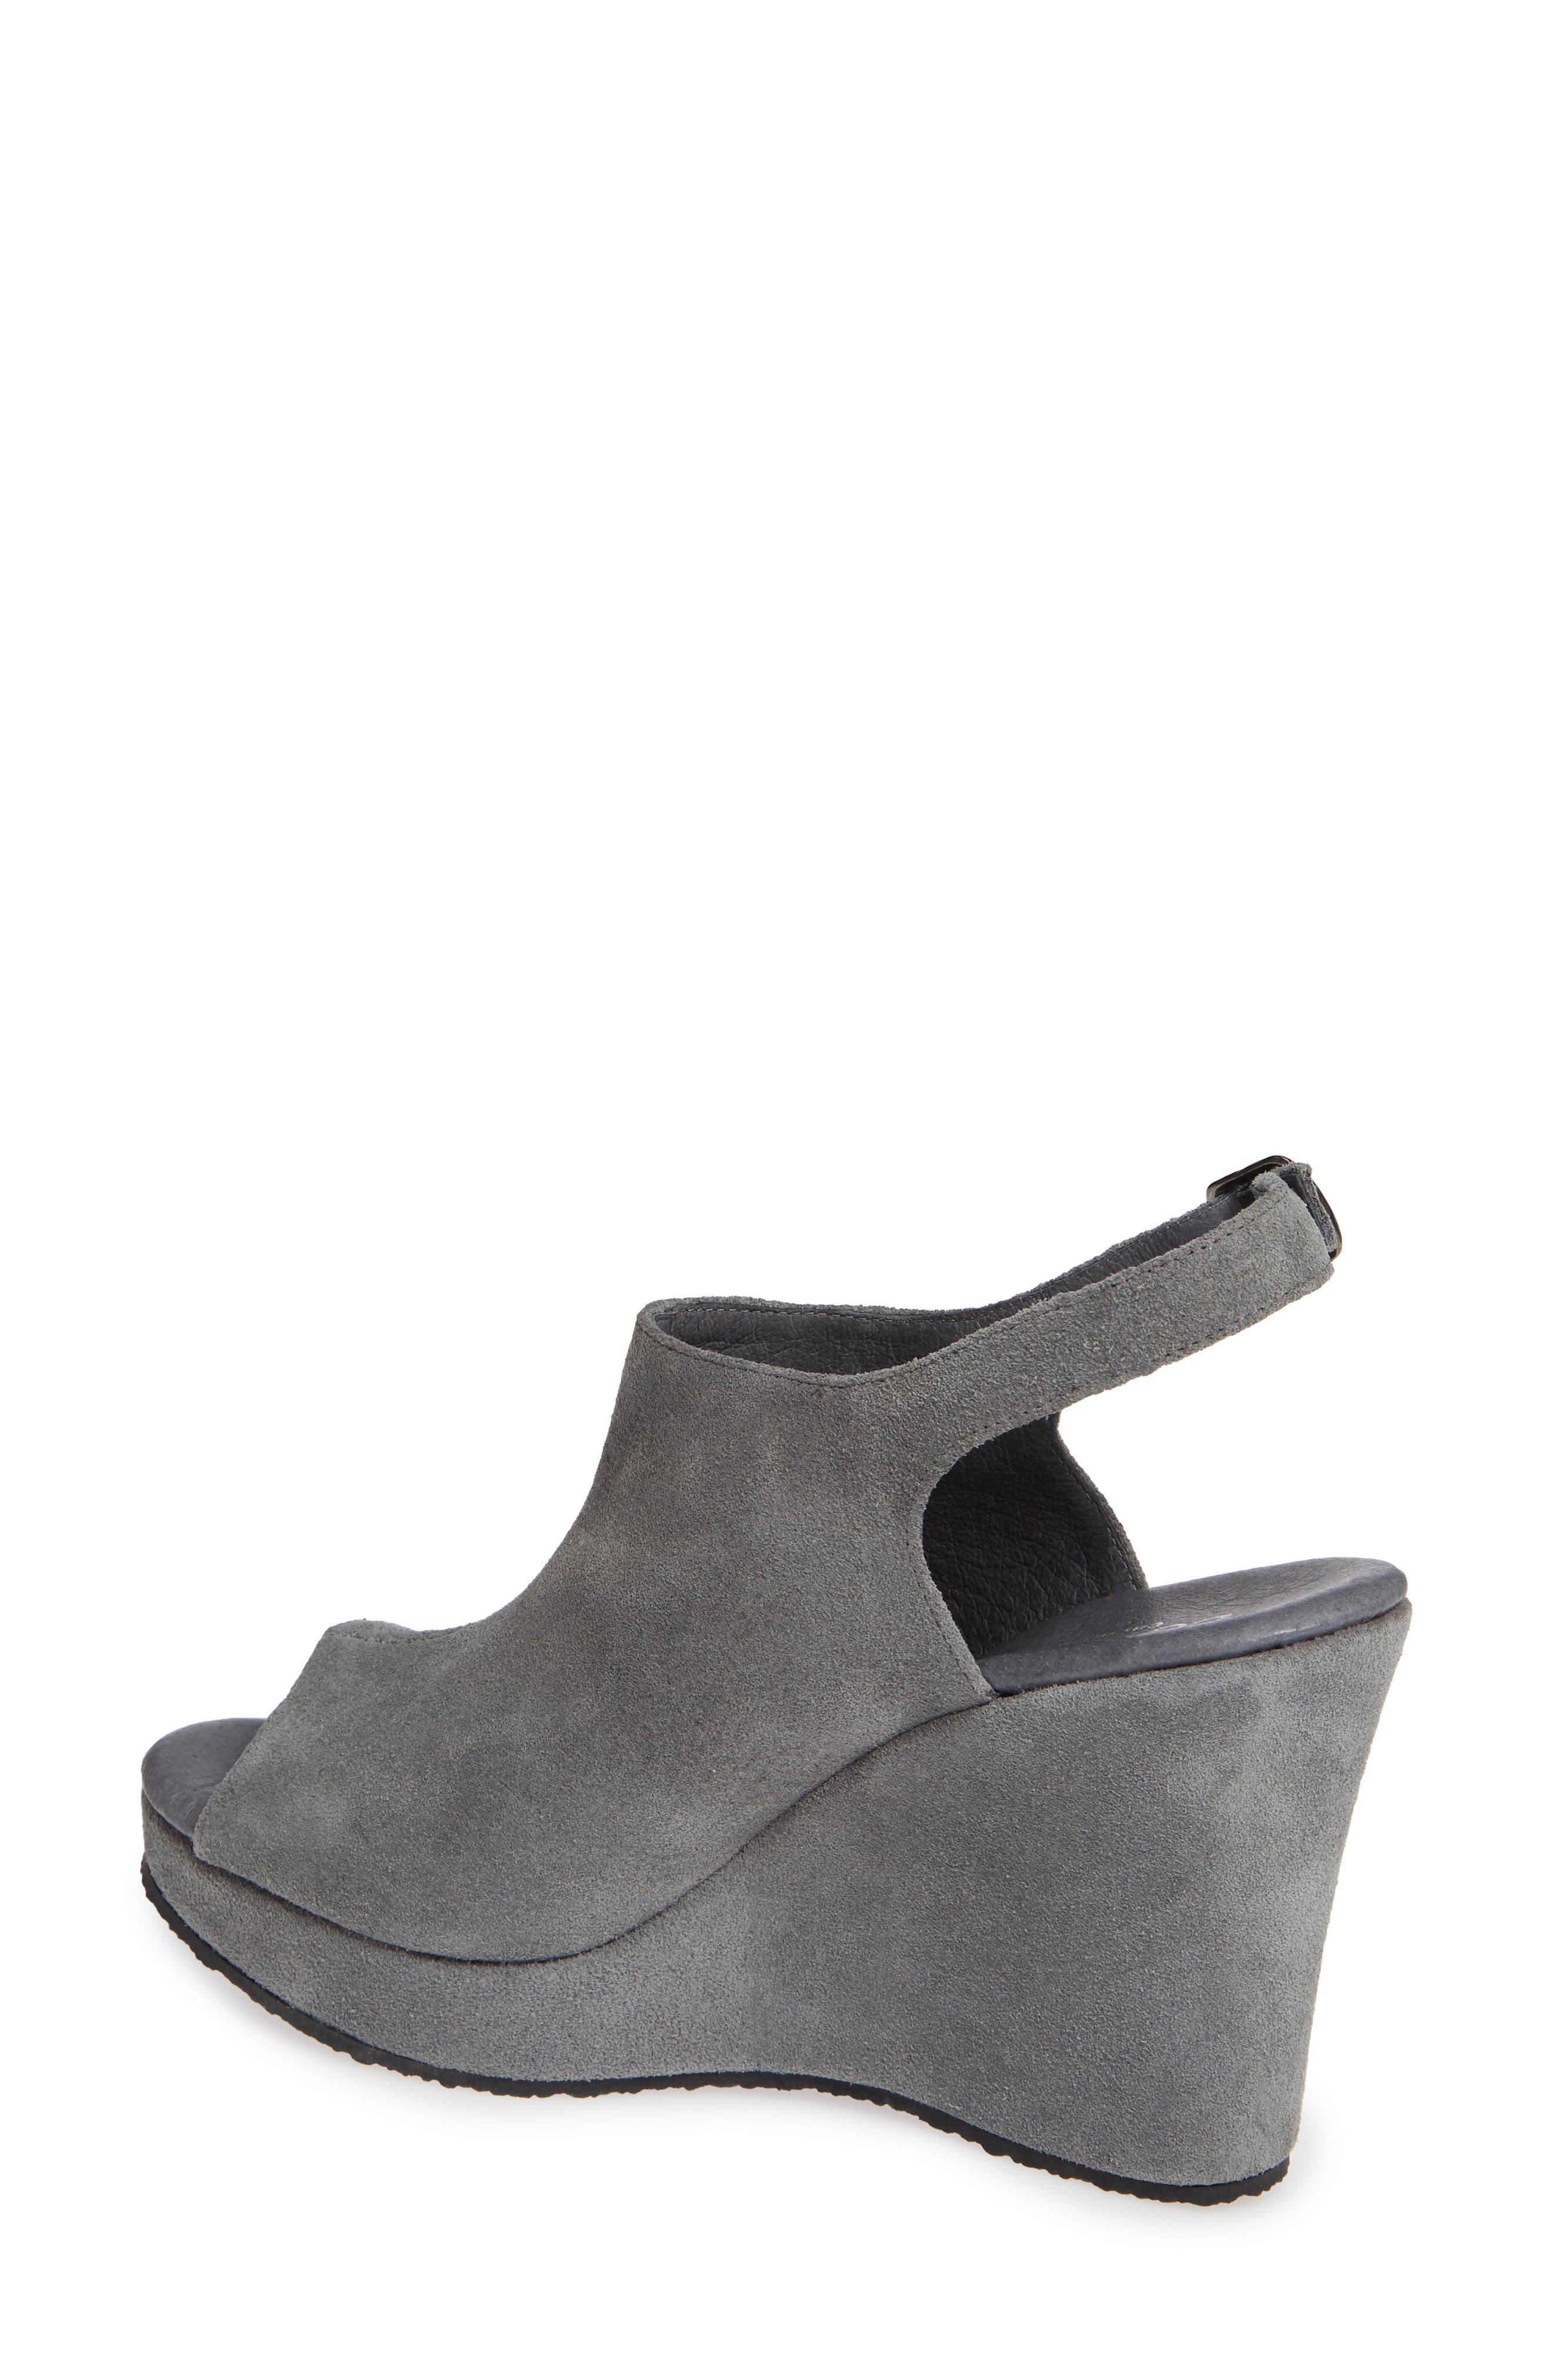 b2338dbf0 Cordani Shoes